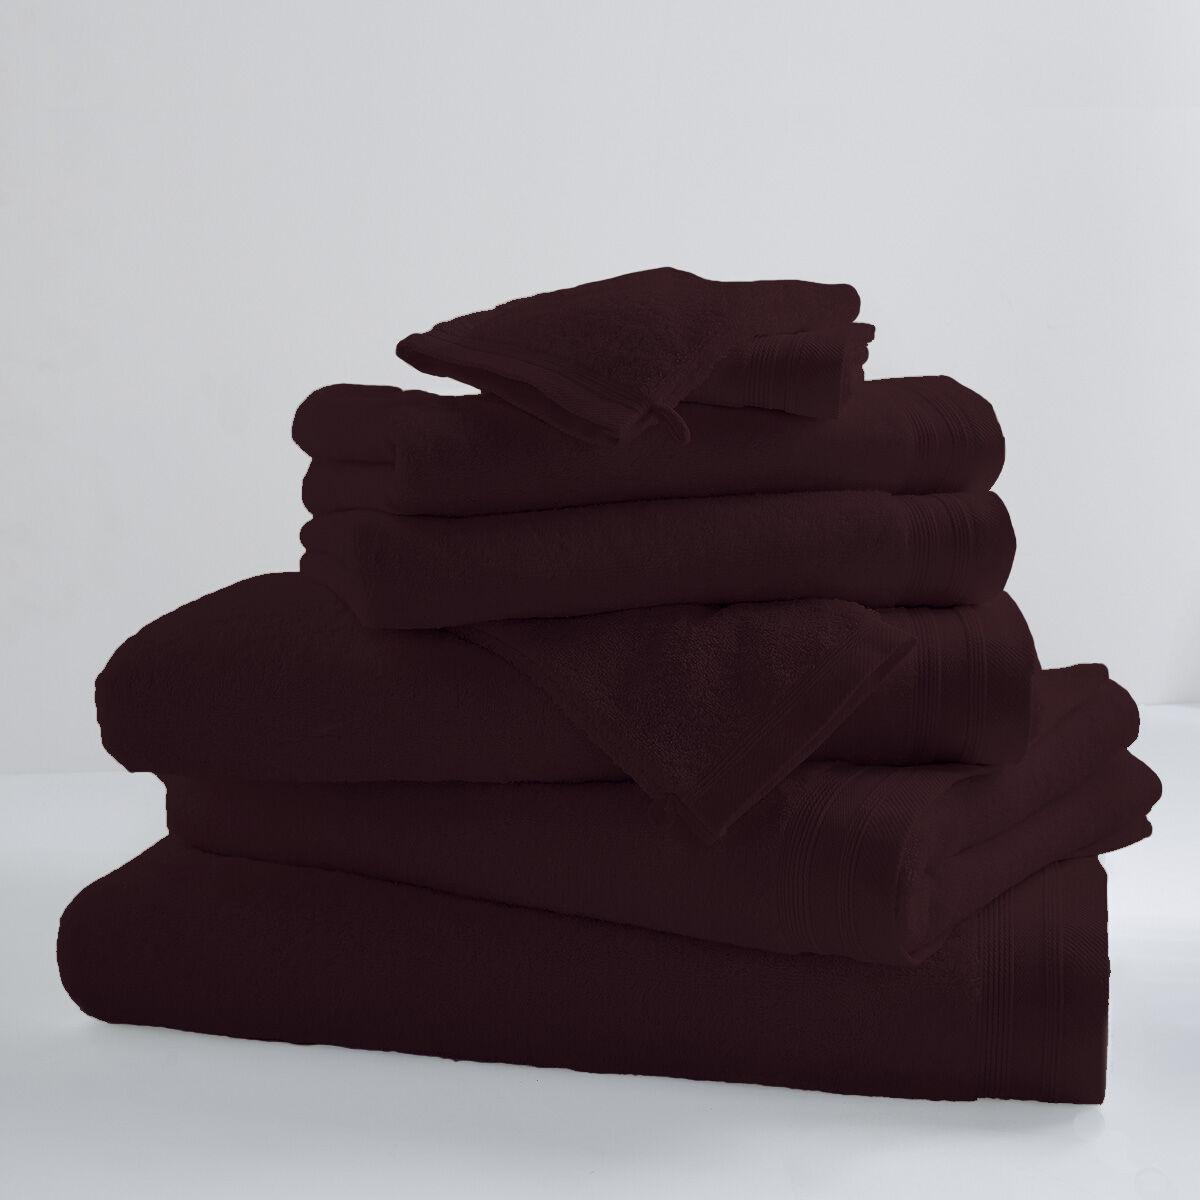 Home Bain Drap de douche uni et coloré coton cacao 140x70